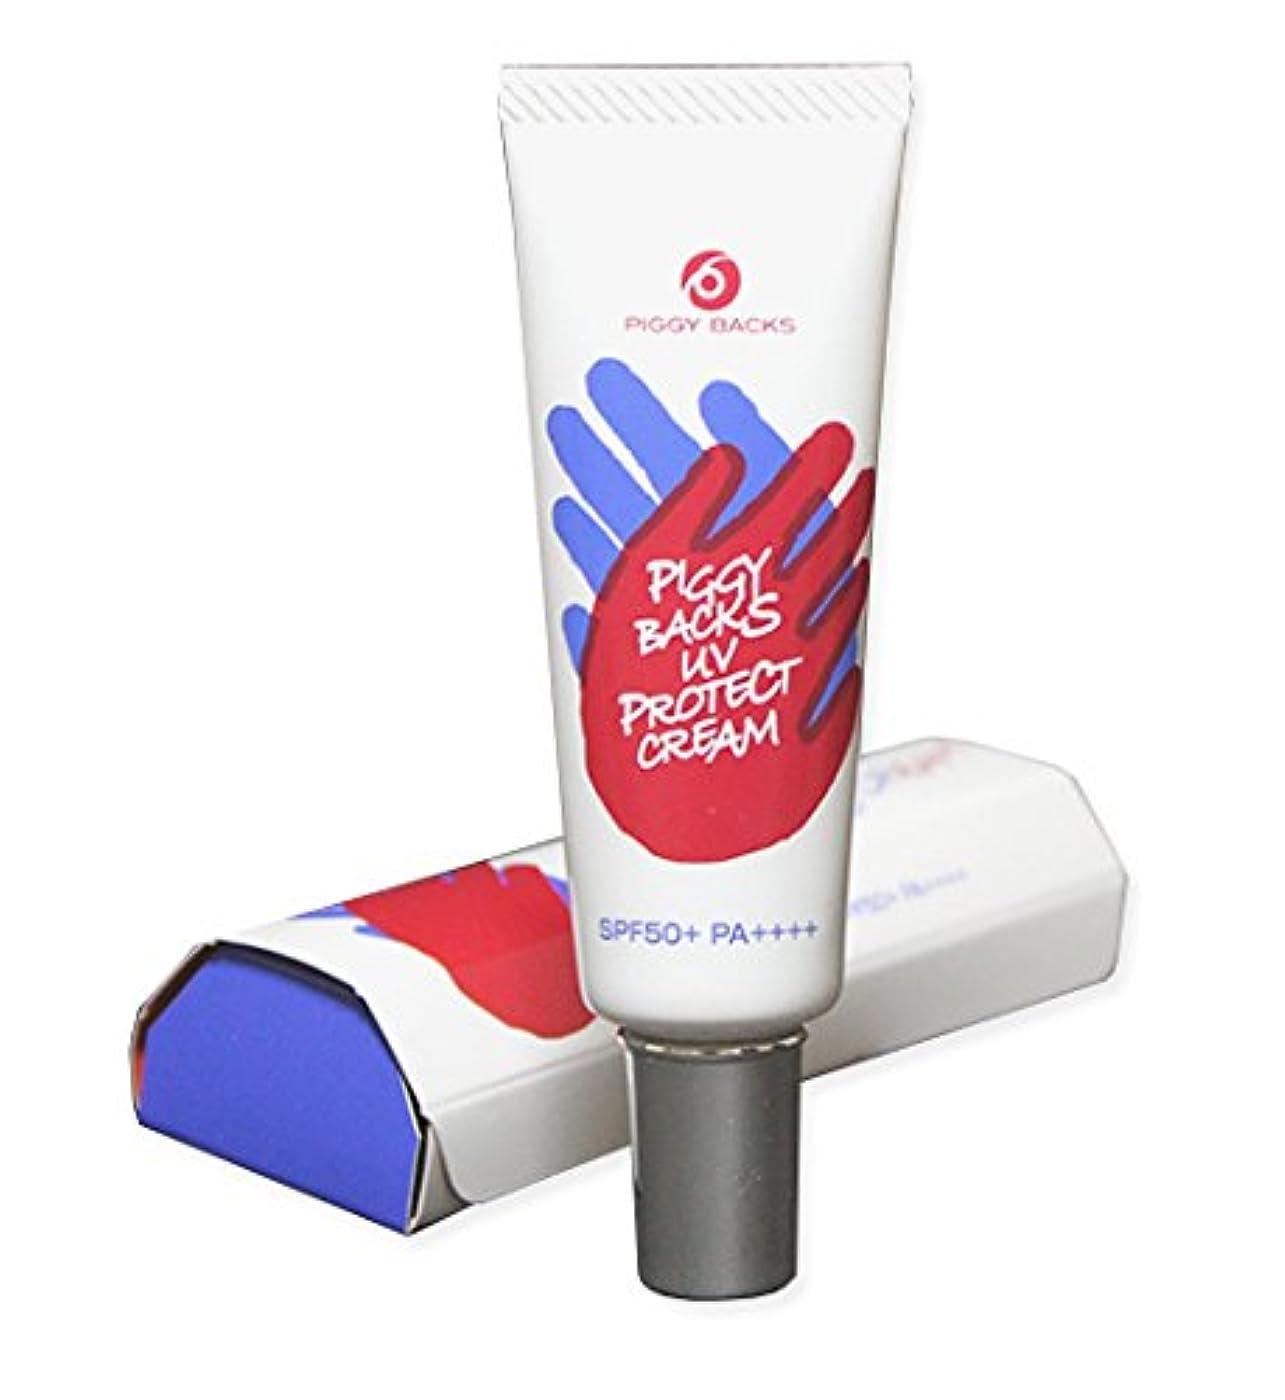 フェンスピニオン詳細なピギーバックス UVプロテクトクリーム【SPF50+、PA++++】国内最高紫外線防御力なのにノンケミカルを実現!塗り直しがいらない日焼け止めクリーム